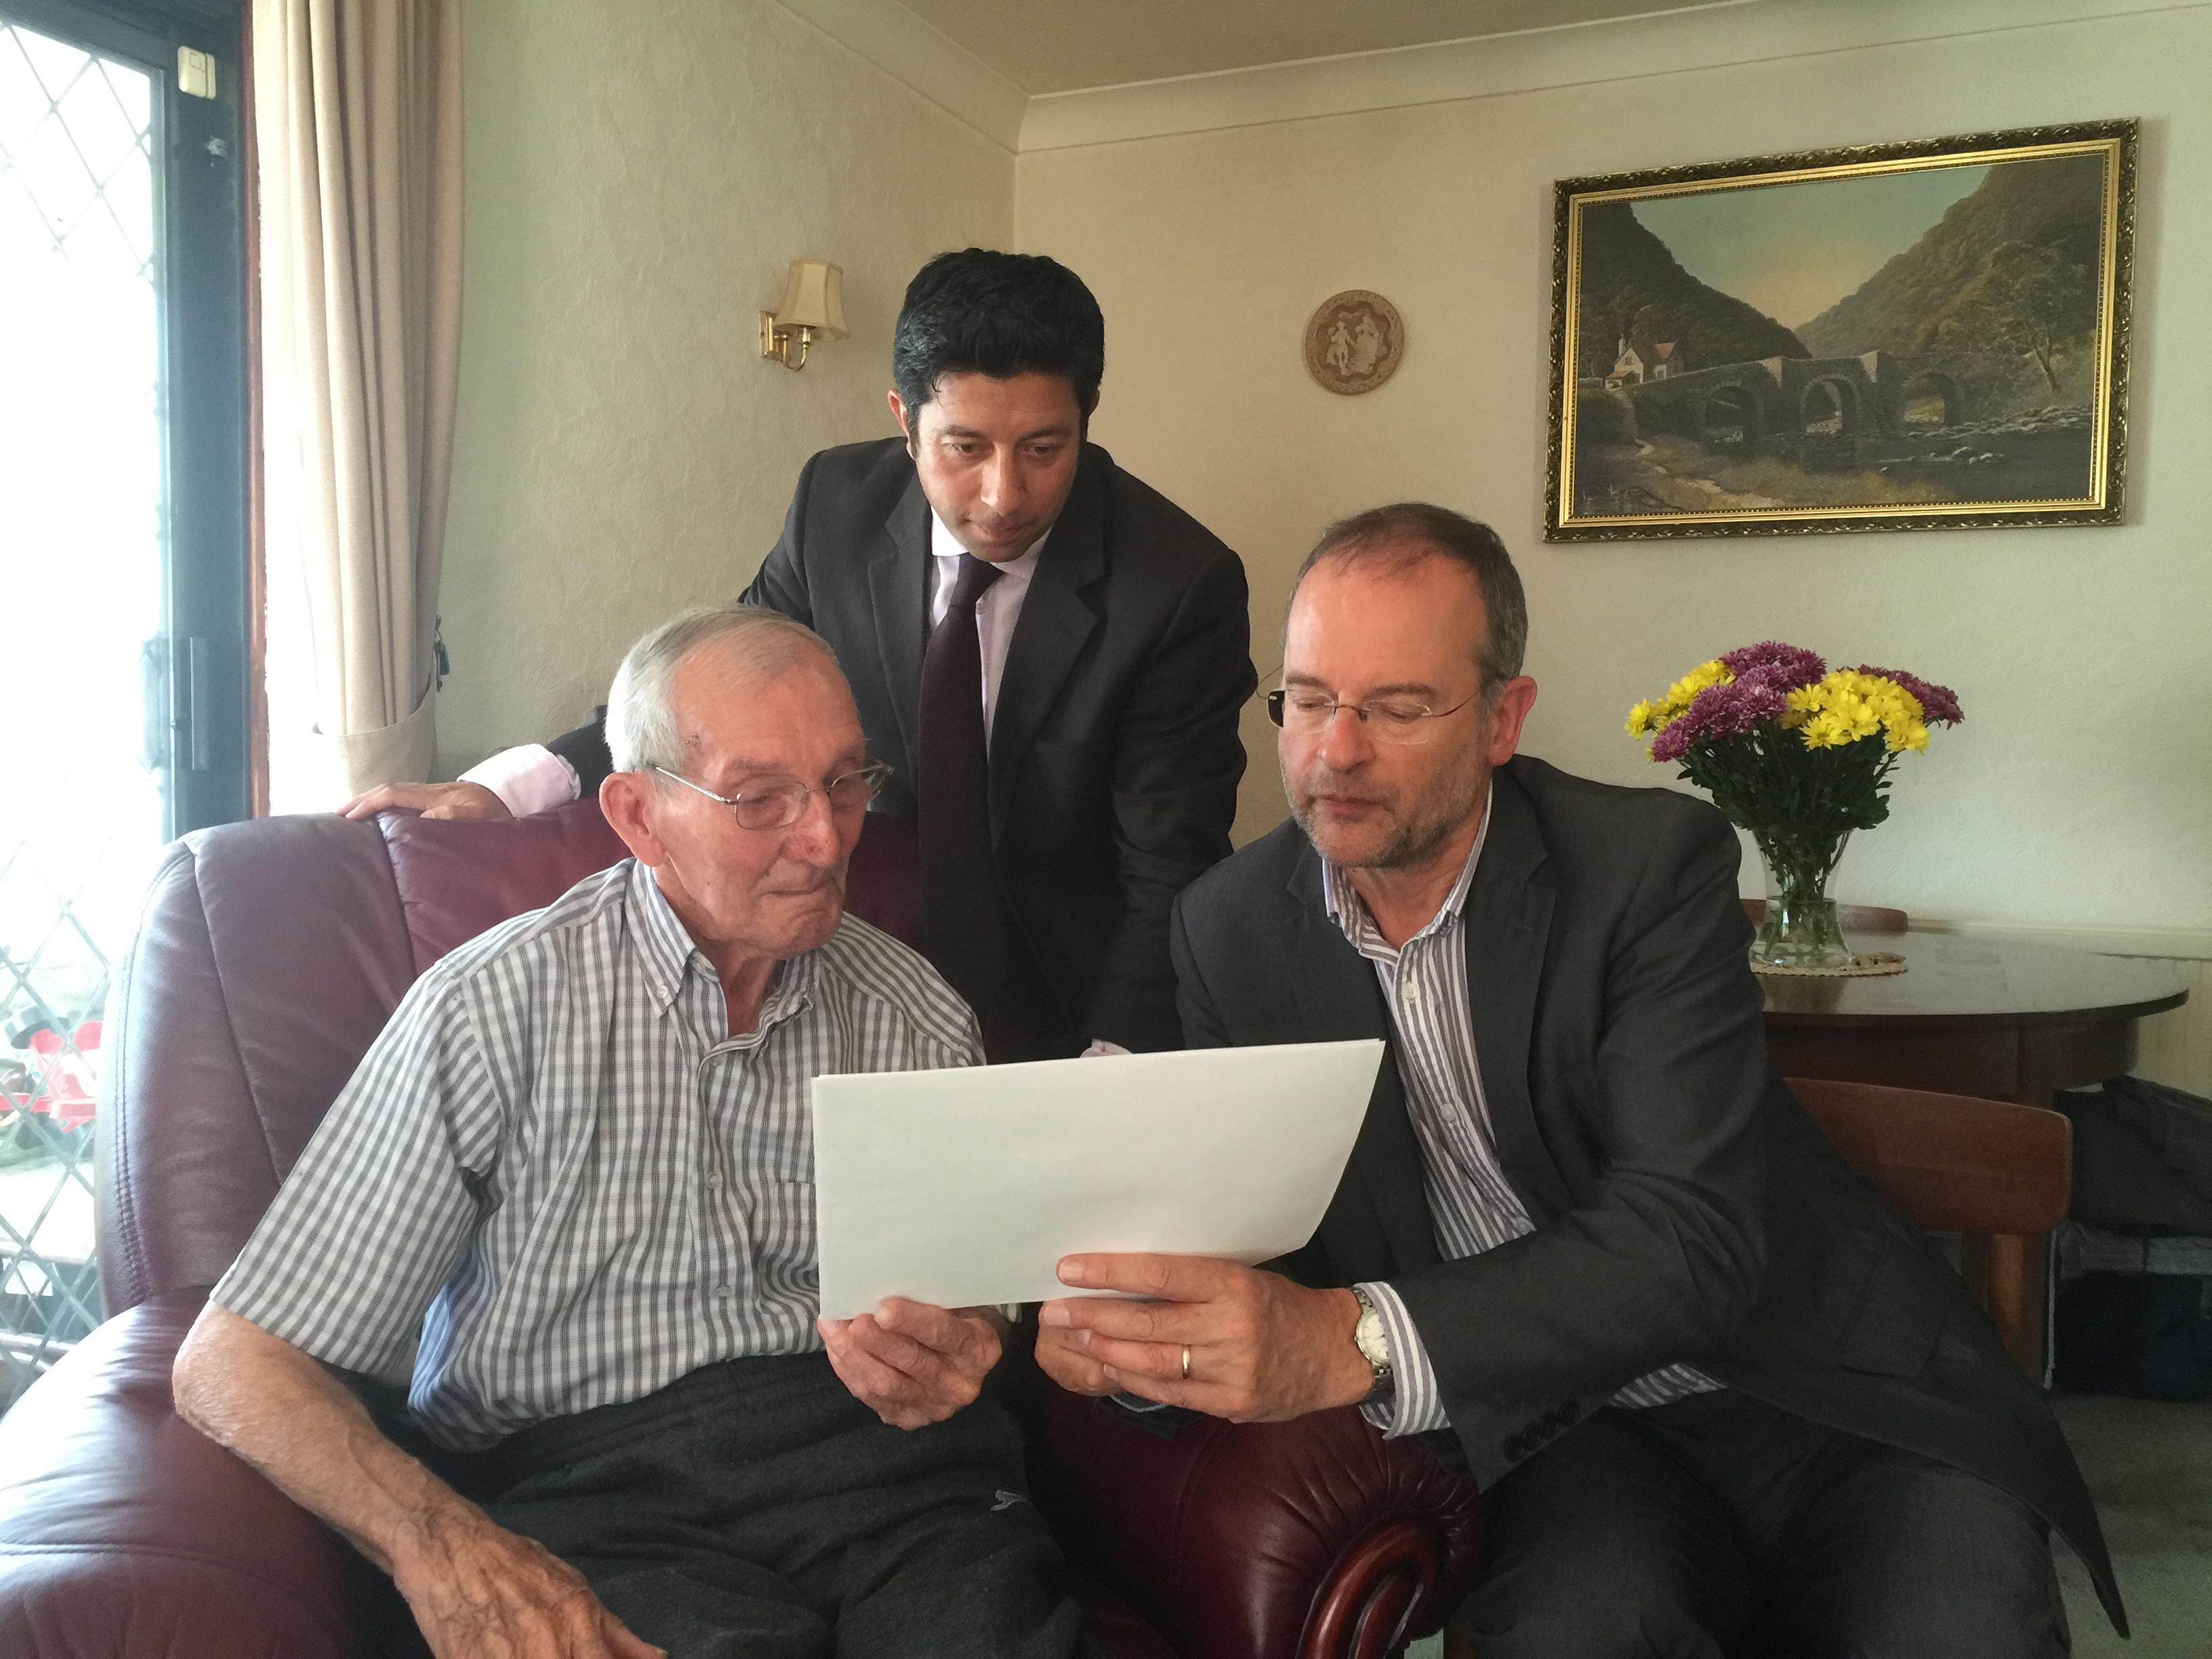 PB_visit_to_Age_UK_Aug_2016.jpg